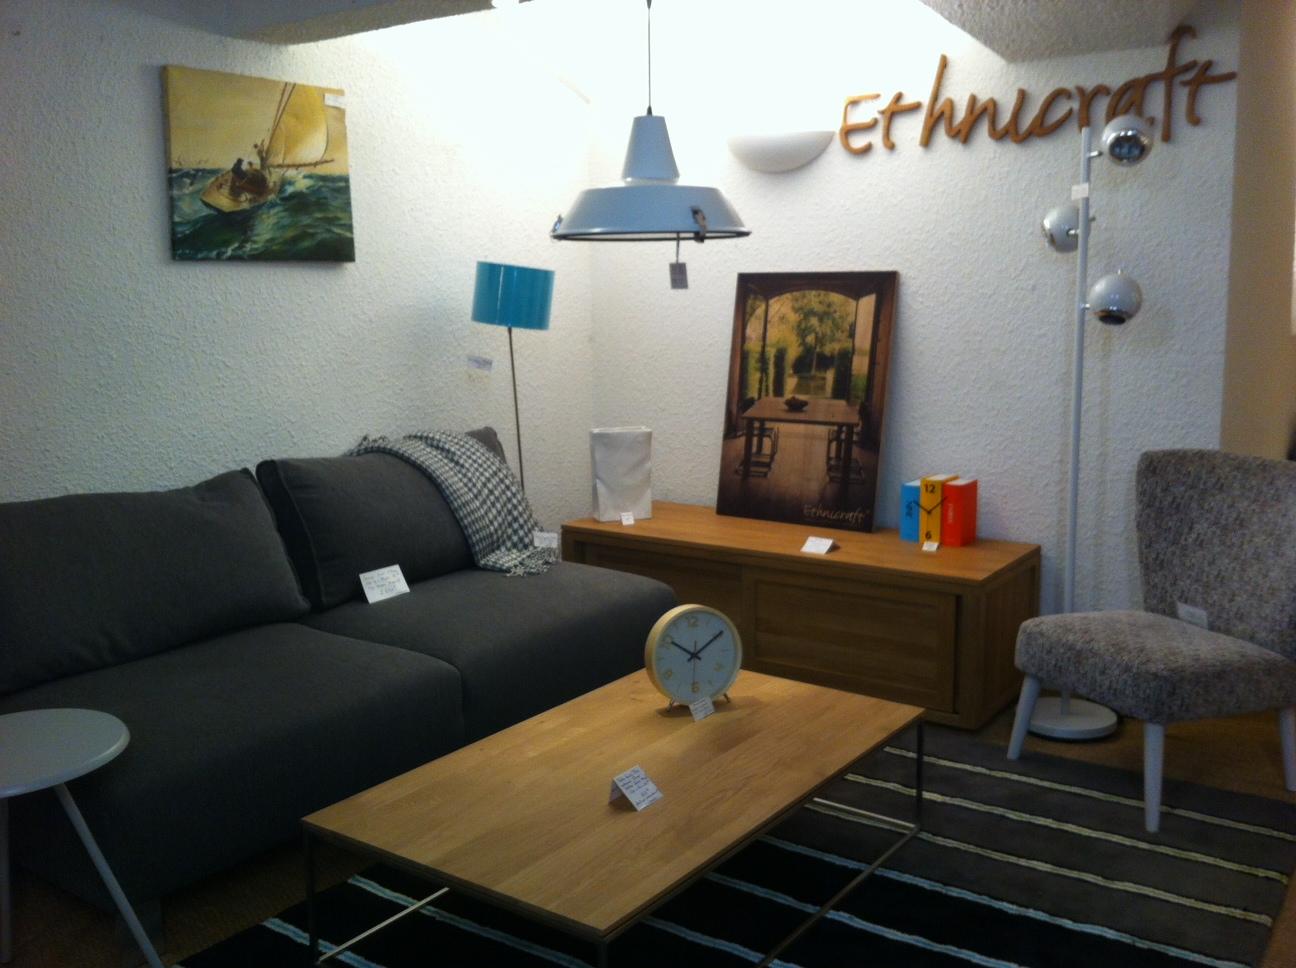 Canap s design et contemporains pour la d coration d int rieur magasin de meubles design - Decoration interieur lyon ...